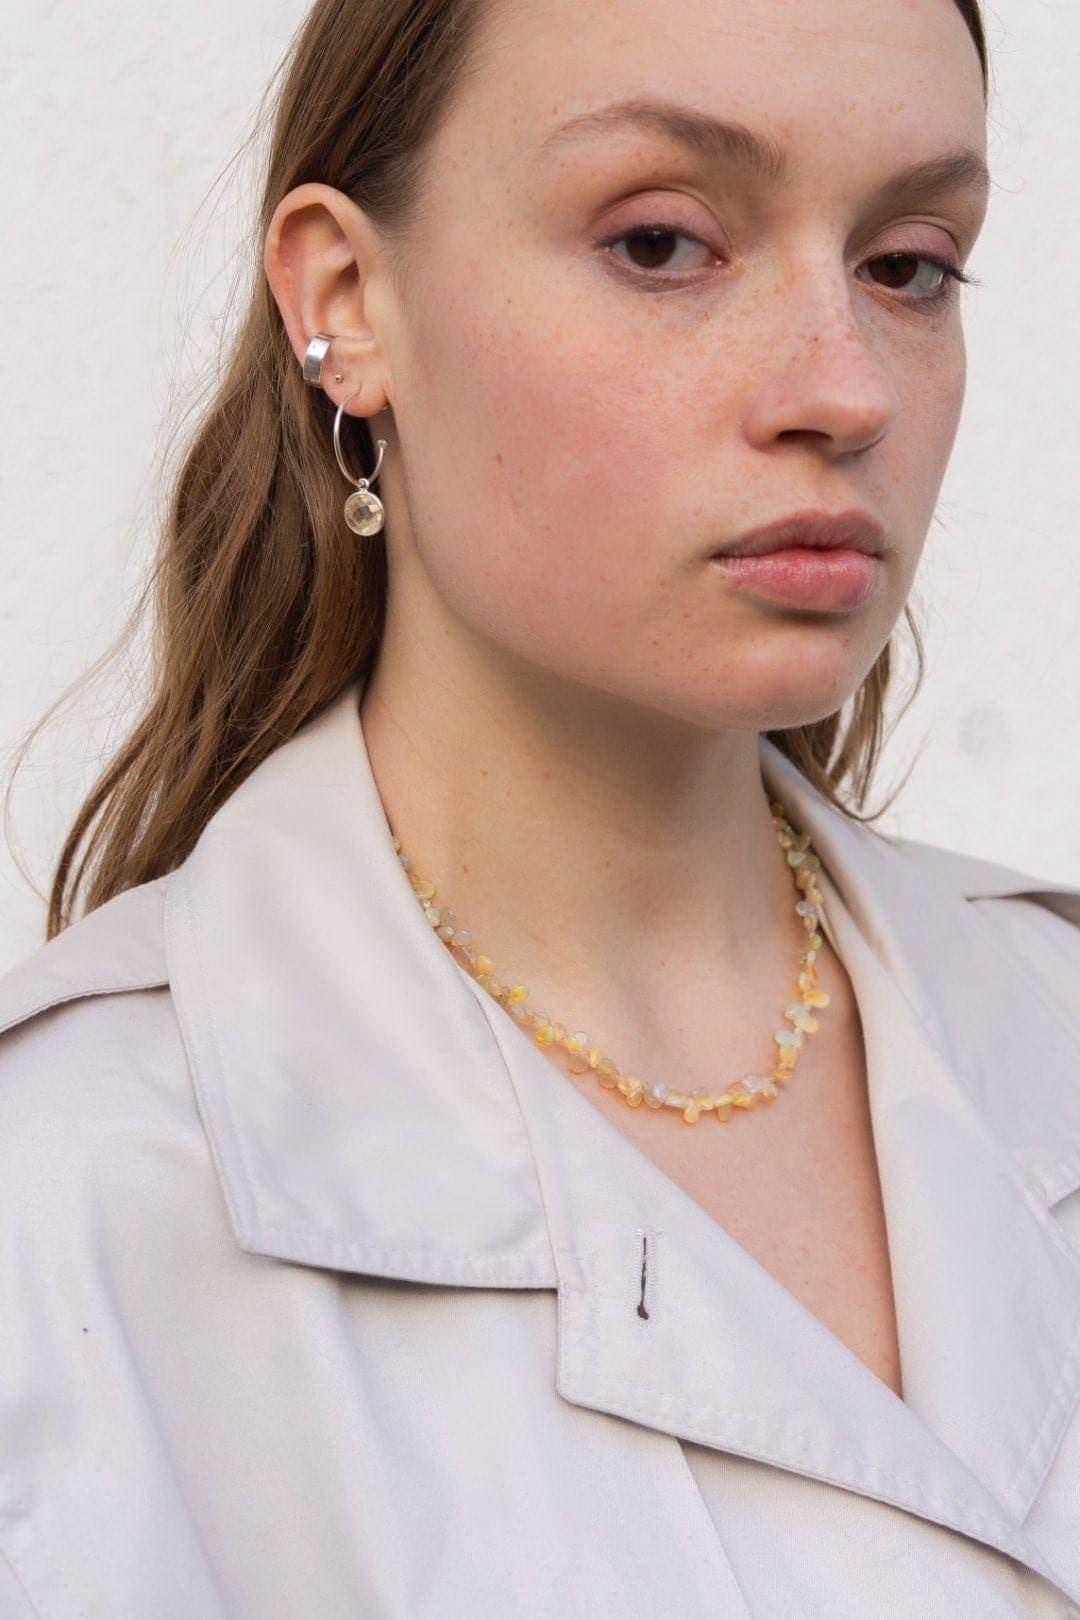 Modelka prezentuje połyskujący naszyjnik z opali i kolczyki koła z zawieszką oraz srebrną nausznice